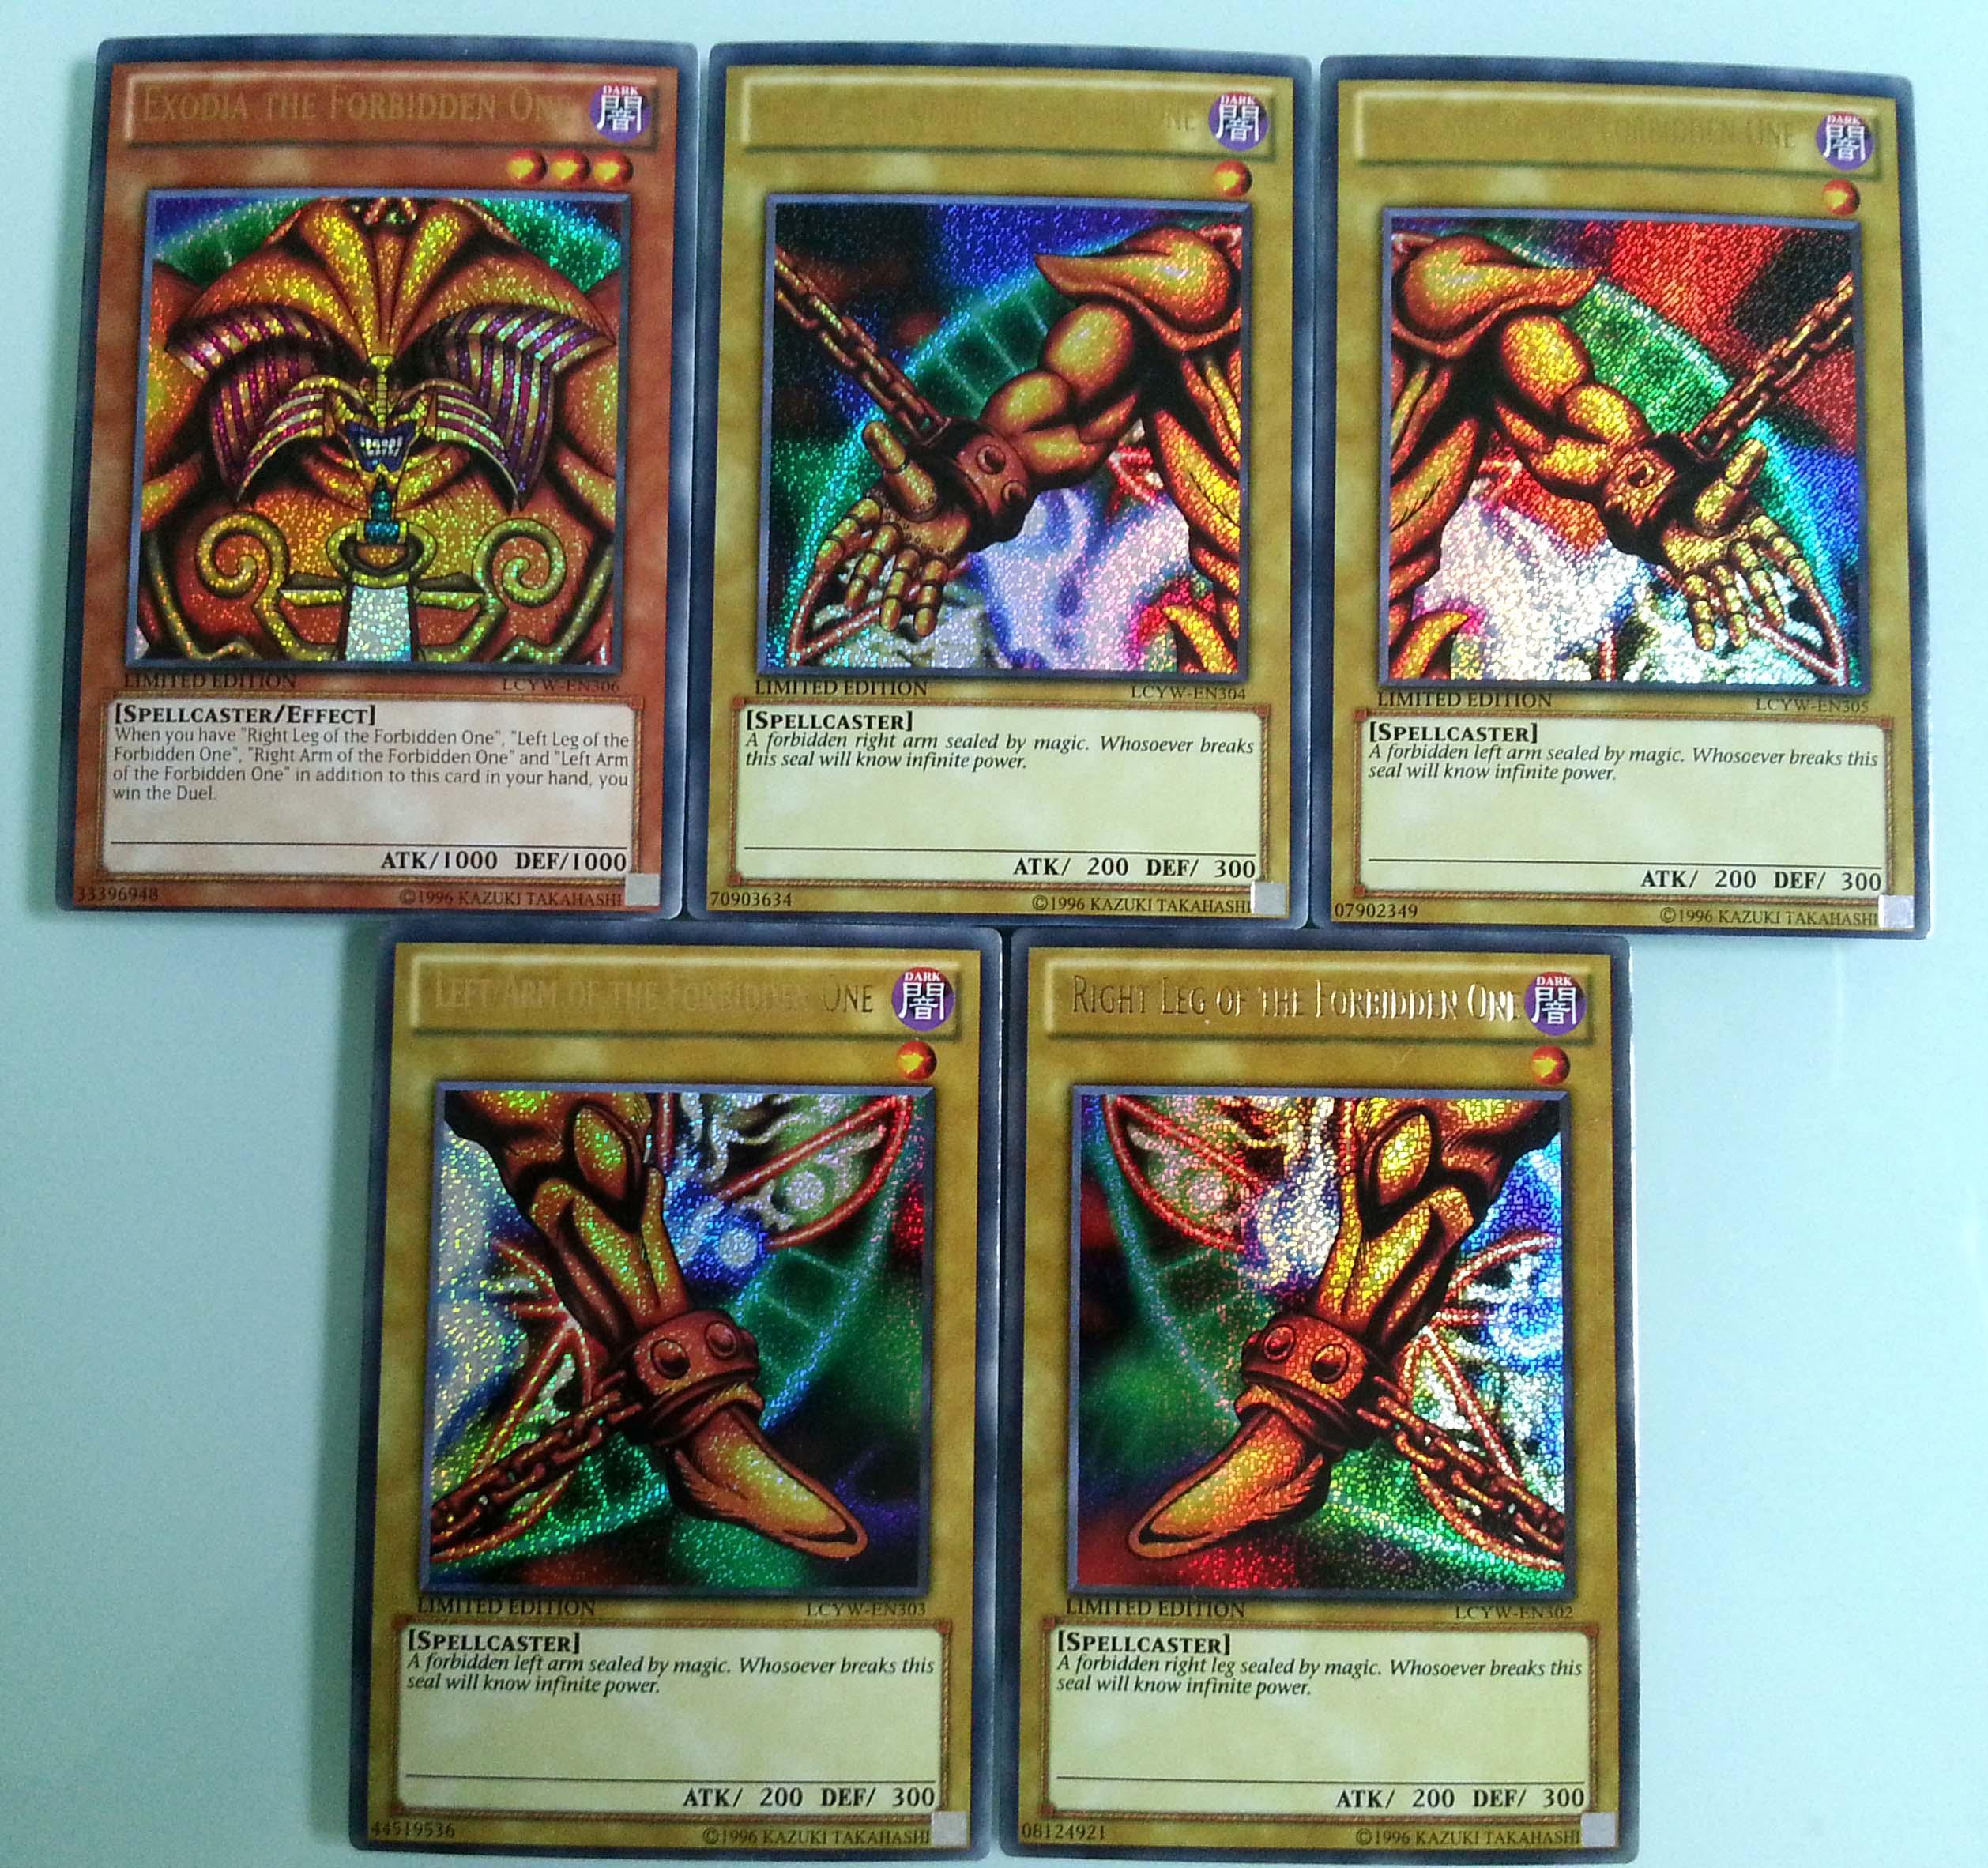 Großhandel 80 sammler Yugioh Secret Rare Karten Sammlung Englische ...